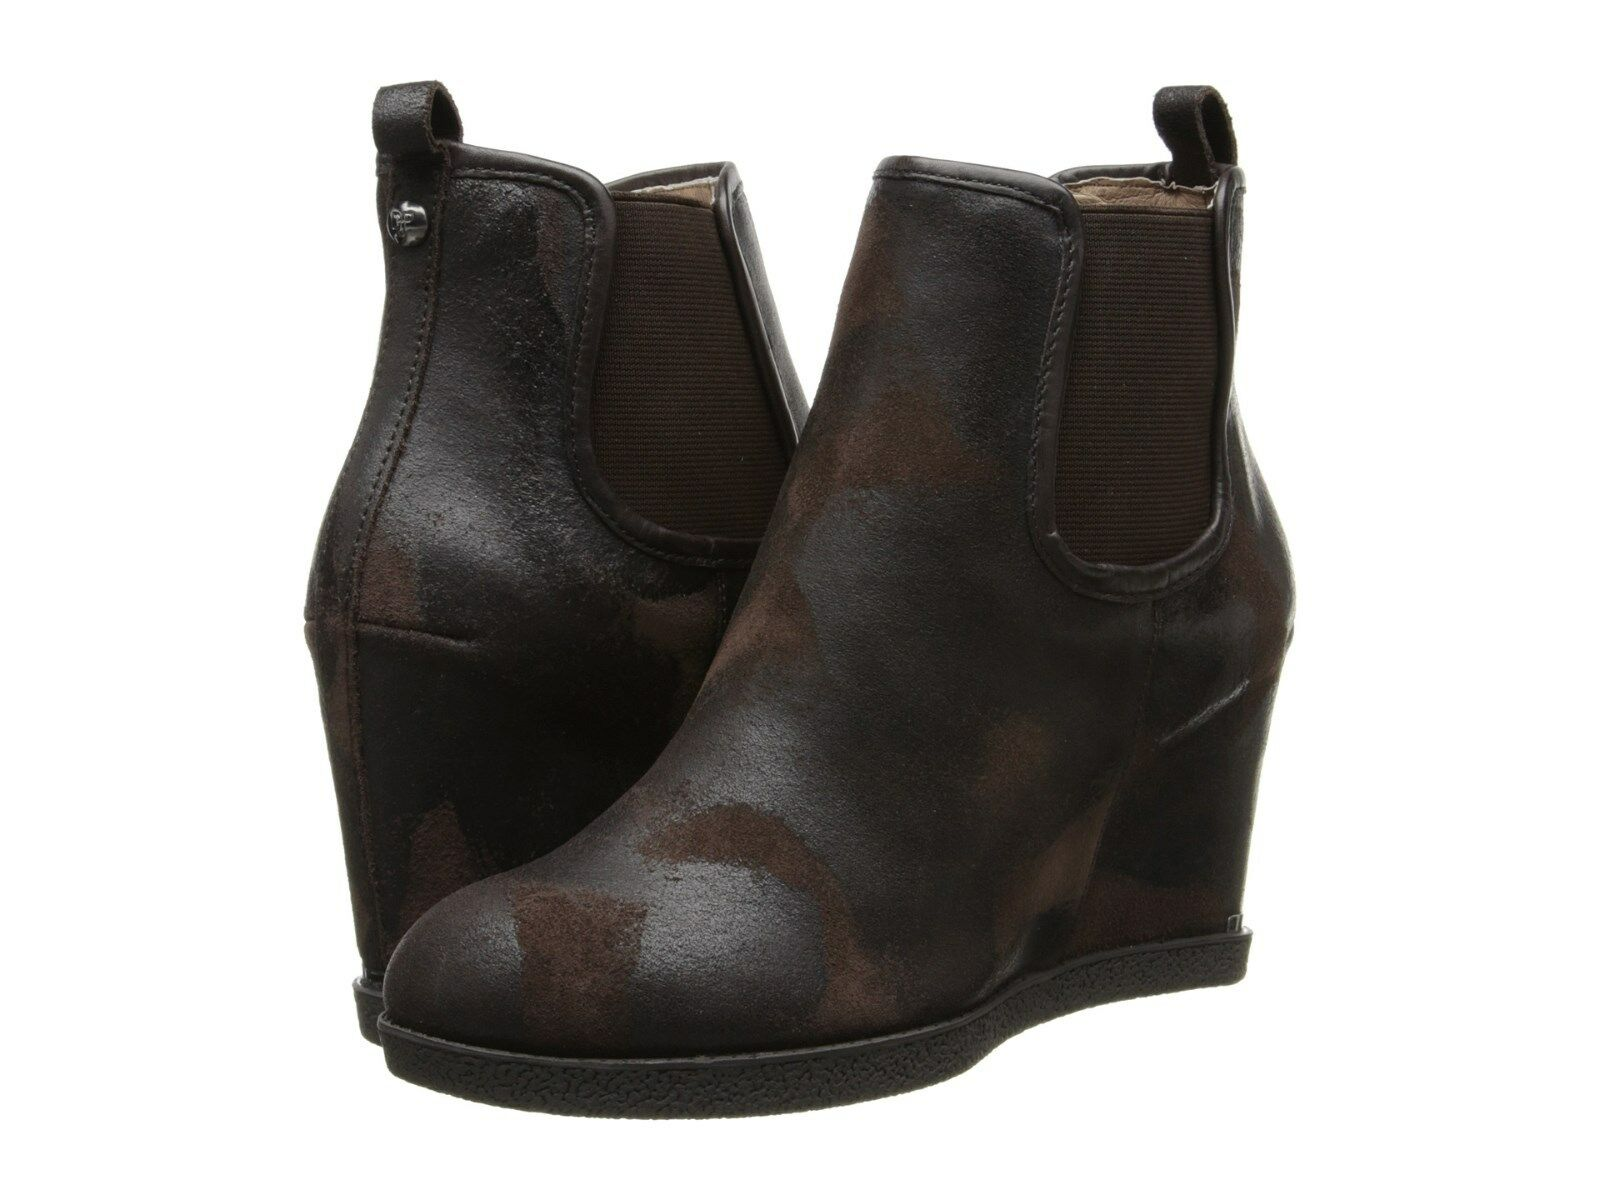 il più economico Donald J Pliner Dillon Dillon Dillon Vintage Suede Fashion Ankle stivali donna Expresso 9.5 NIB  grandi risparmi